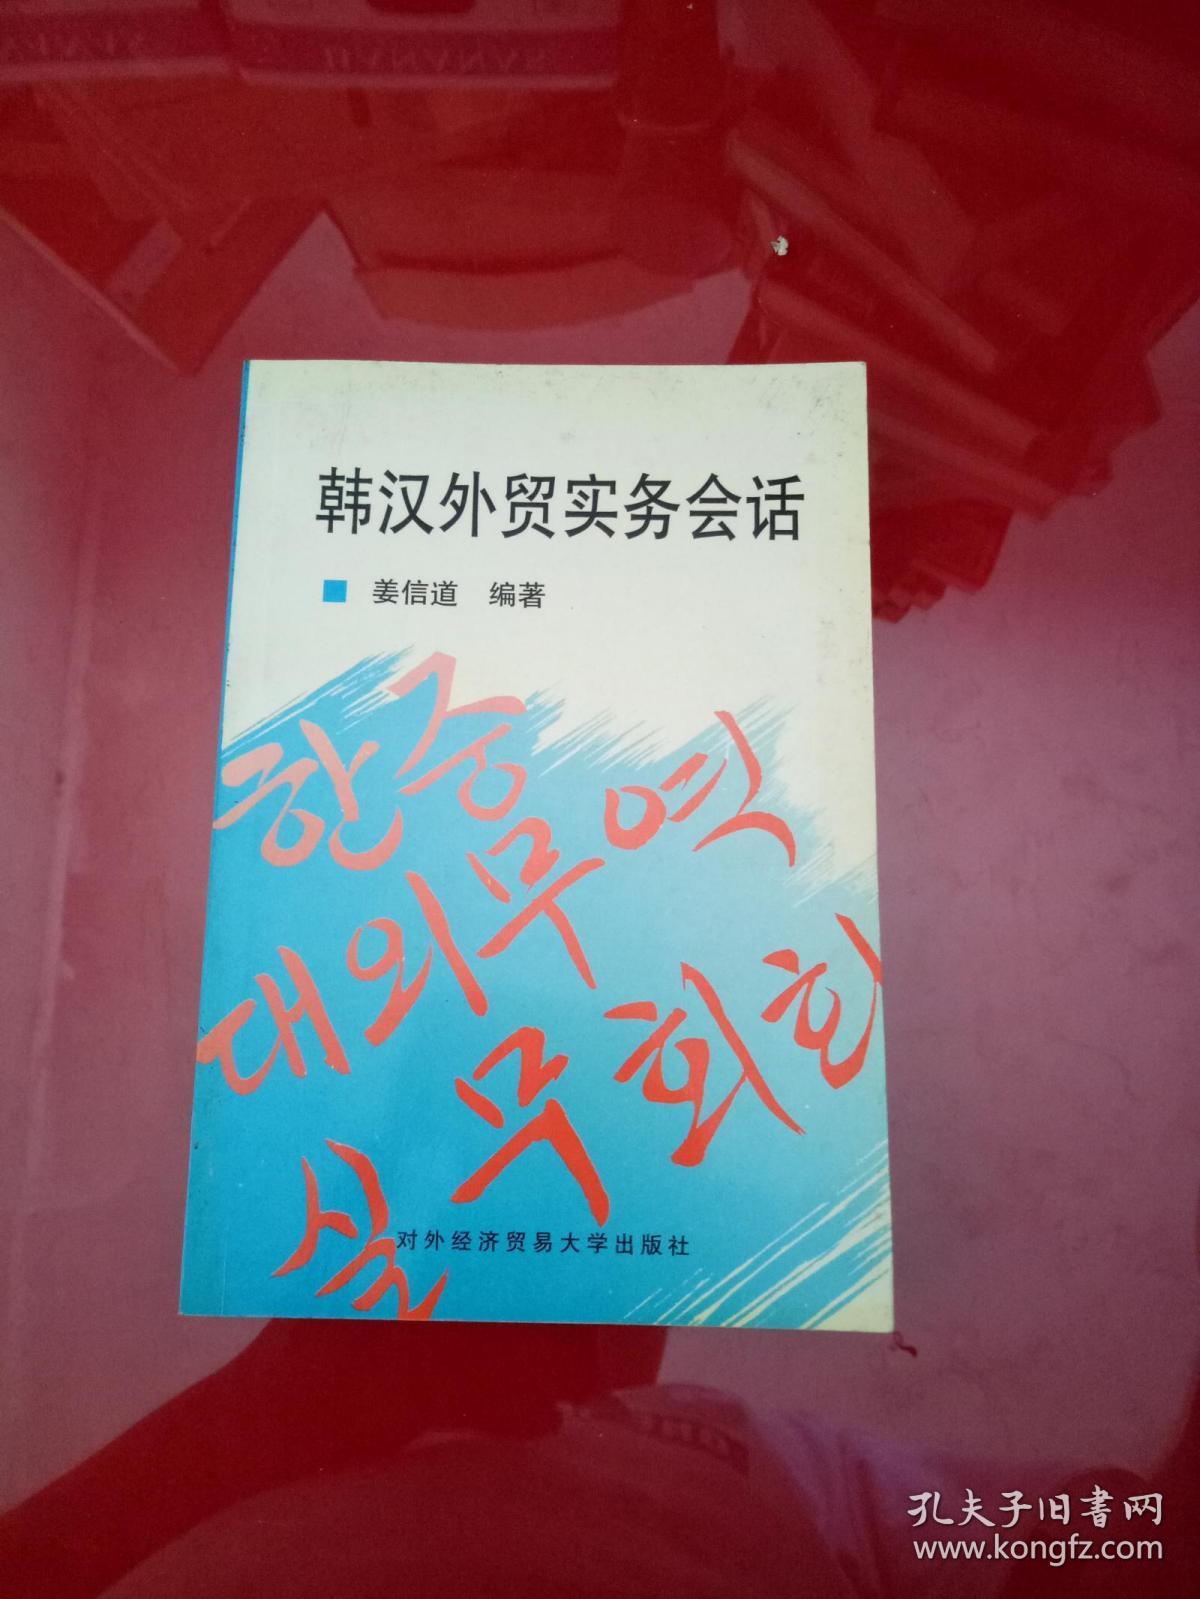 韩汉外贸实务会话 /姜信道 对外经济贸易大学出版社